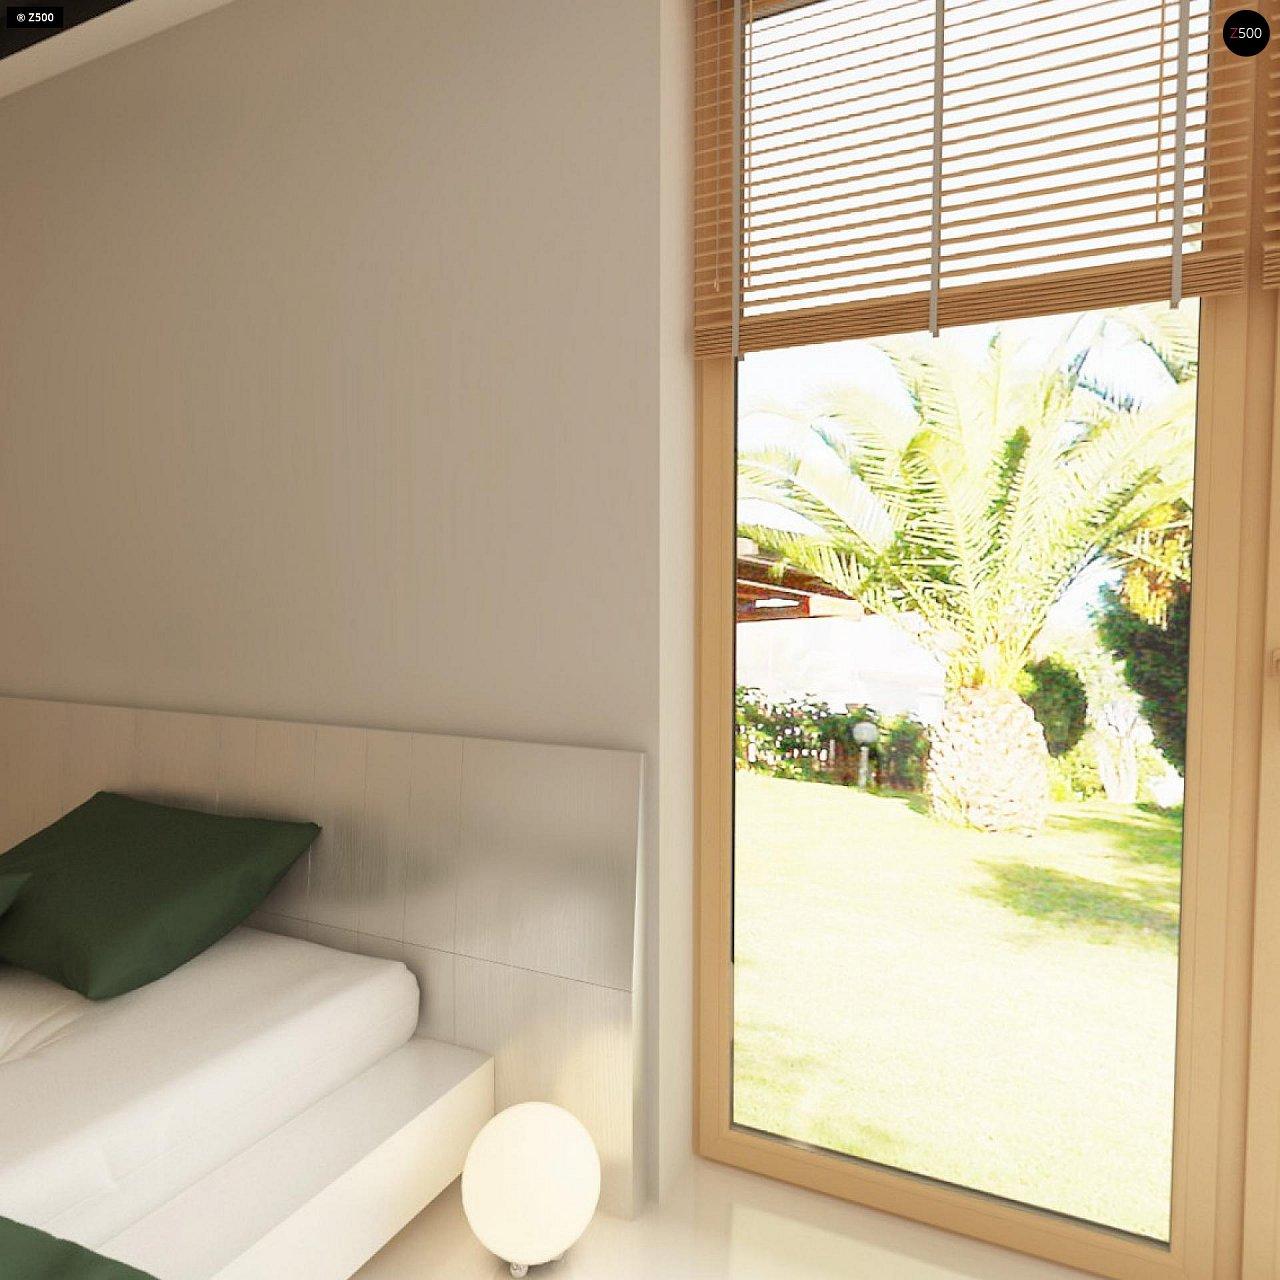 Прекрасное сочетание строгих минималистичных форм и уютного практичного интерьера. 19